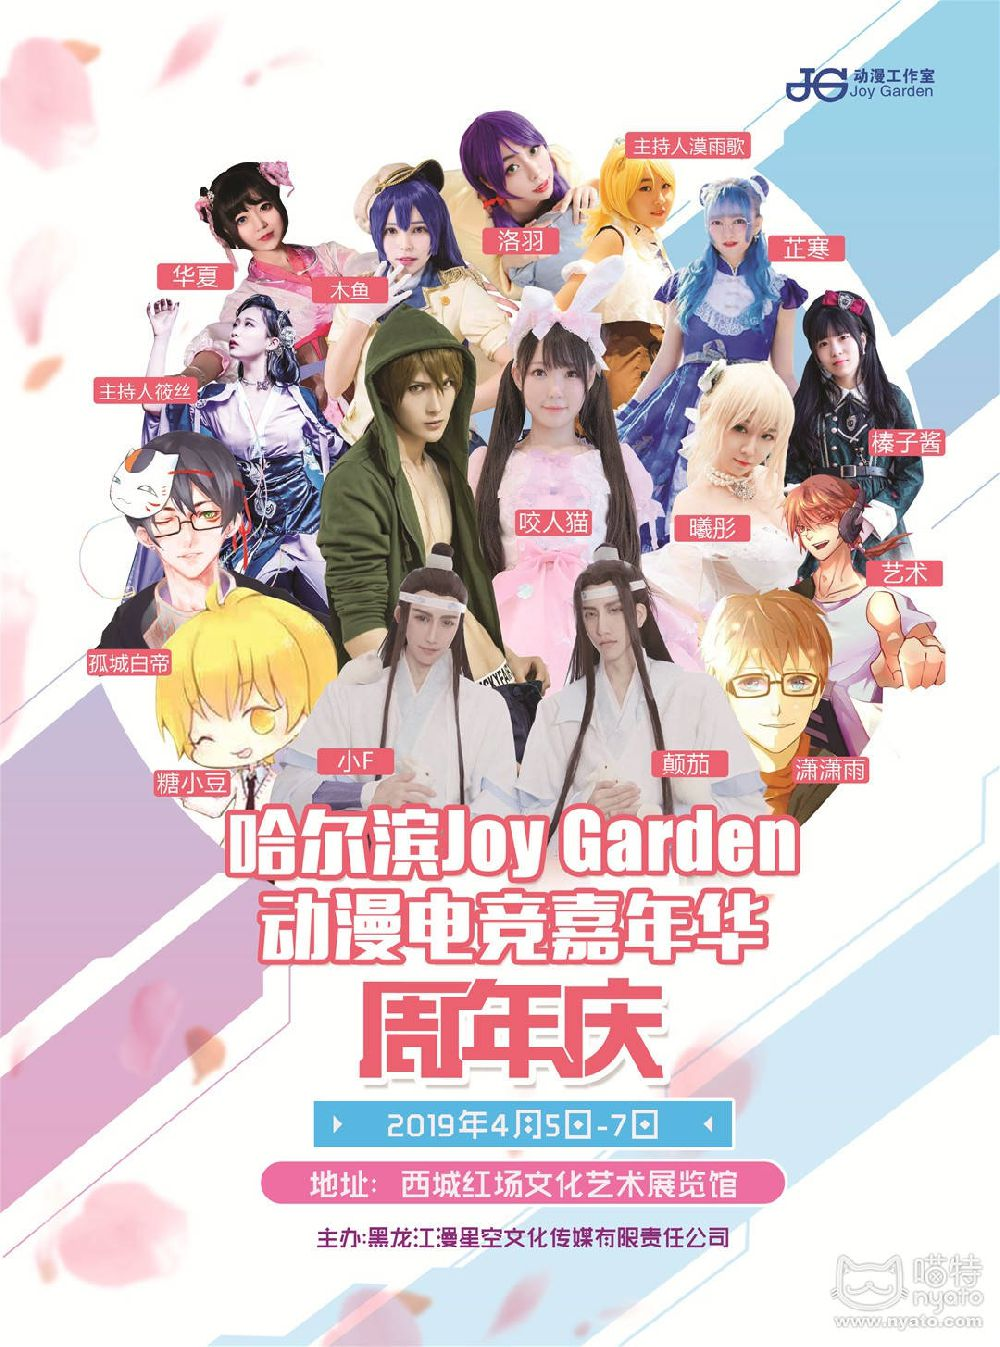 2019泛亚电竞Joy Garden动漫电竞嘉年华时间、活动、嘉宾